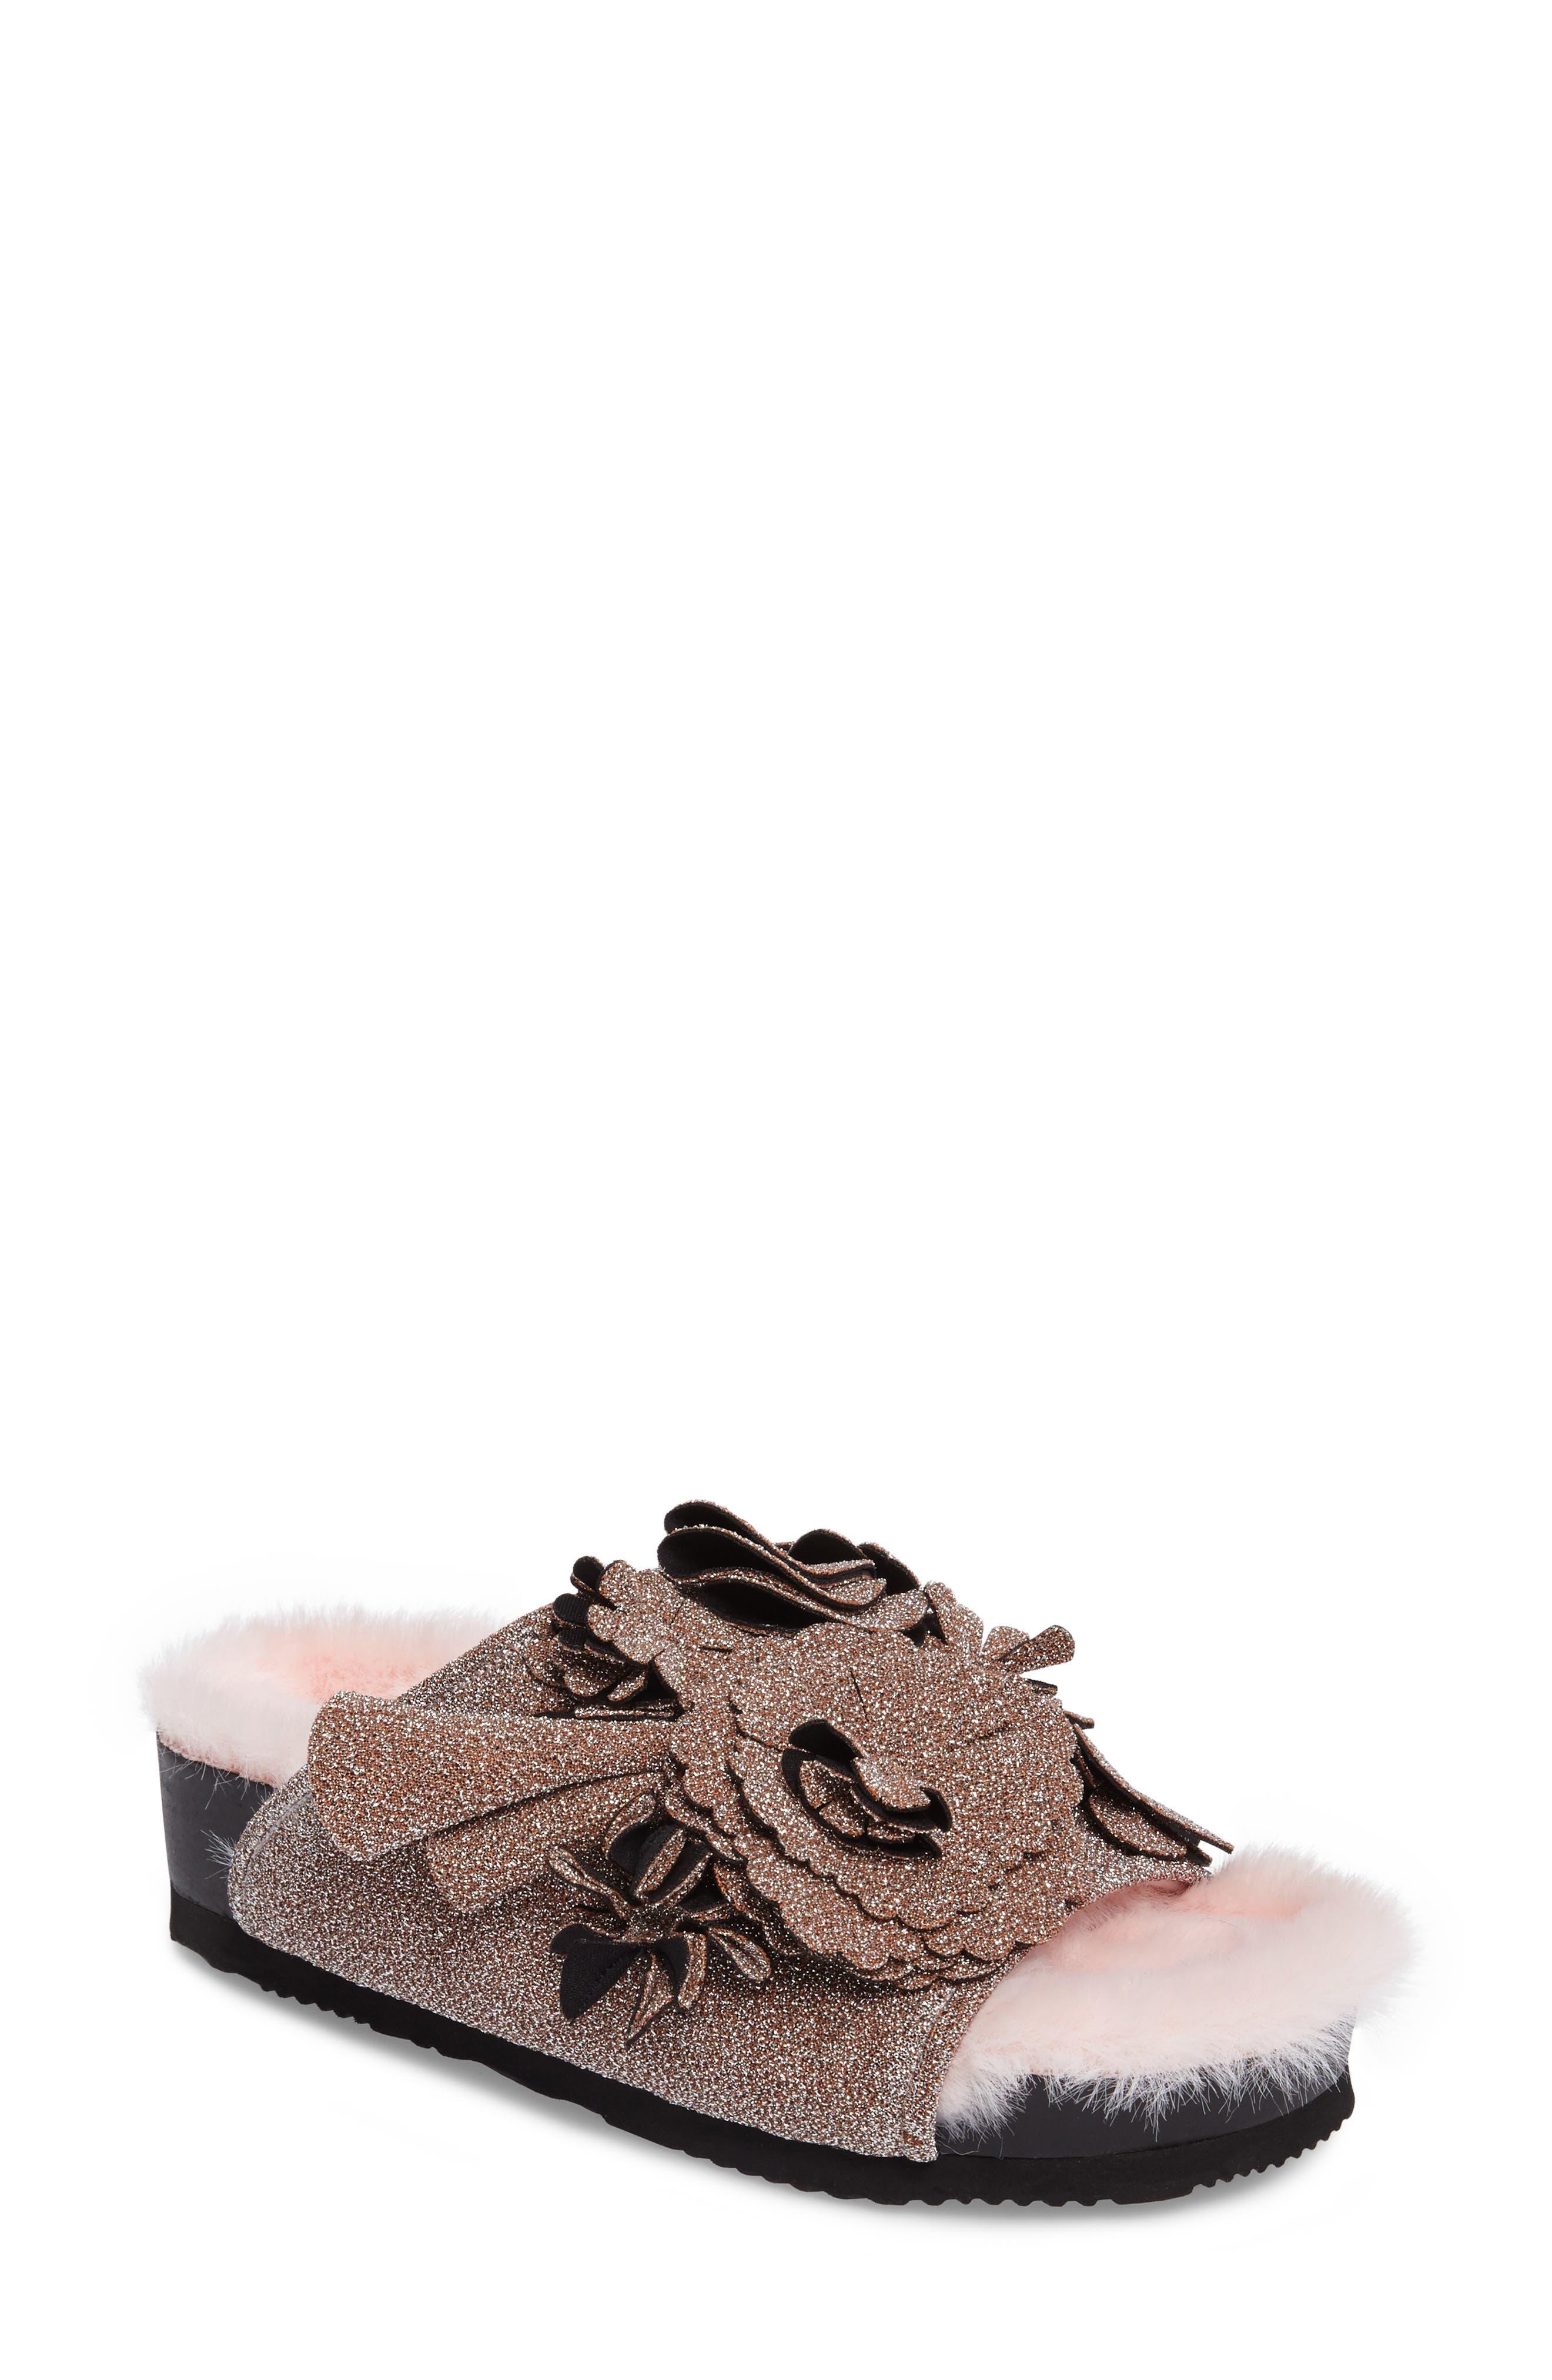 Alternate Image 1 Selected - SUECOMMA BONNIE Floral Slide Sandal (Women)